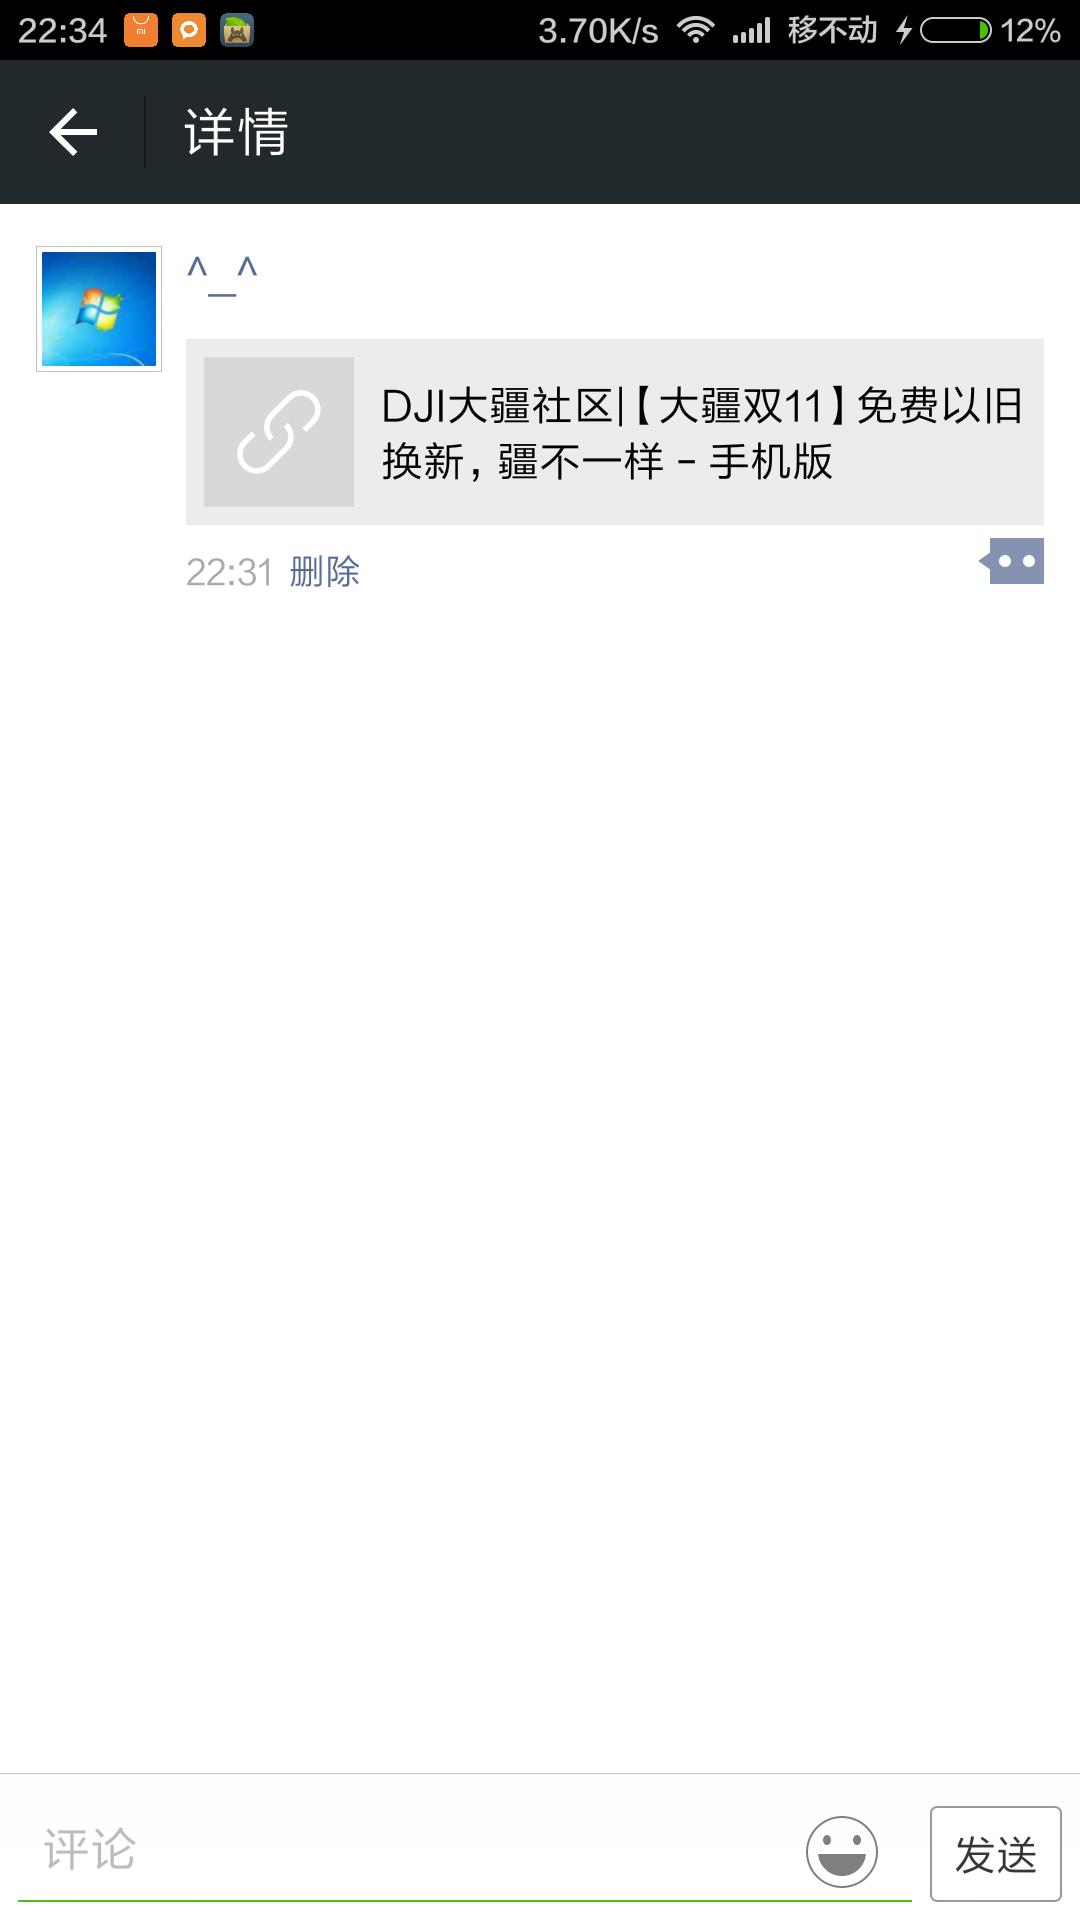 Screenshot_2015-11-03-22-34-30_com.tencent.mm.png